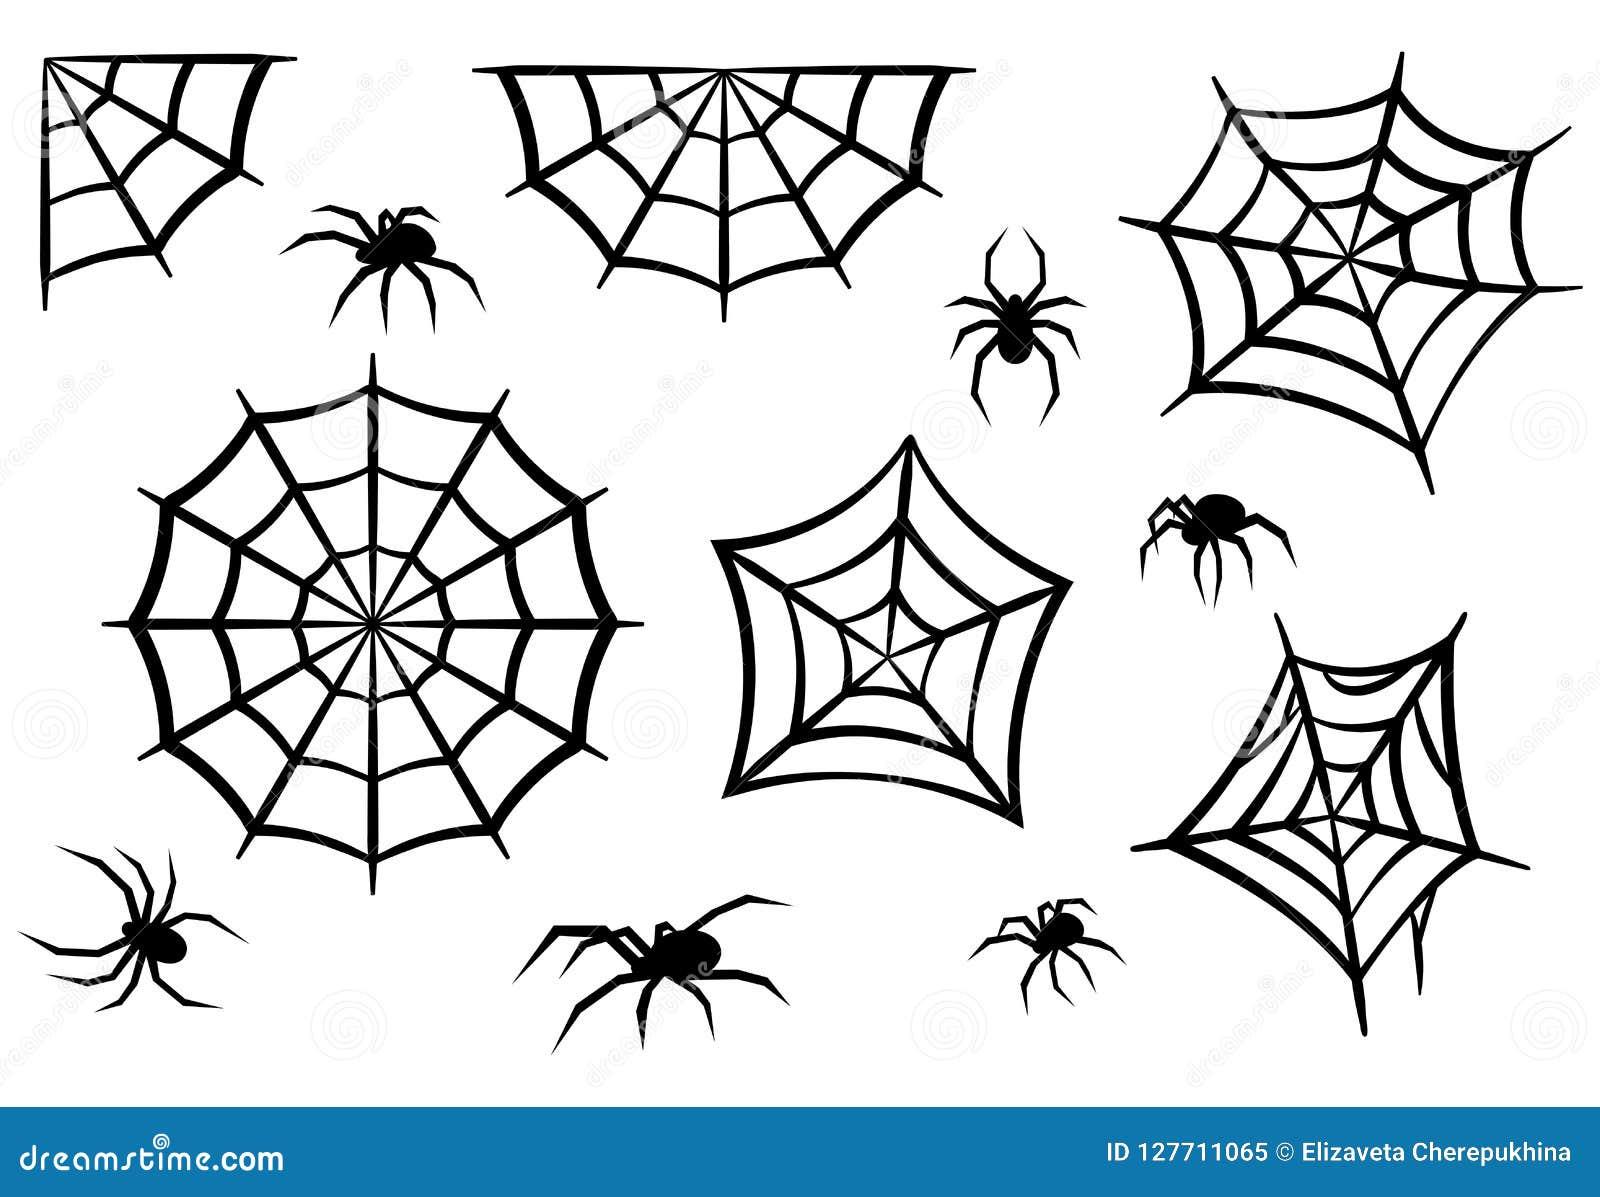 Silhuetas pretas das aranhas e das Web de aranha Elementos de Dia das Bruxas isolados no fundo branco Ilustração do vetor